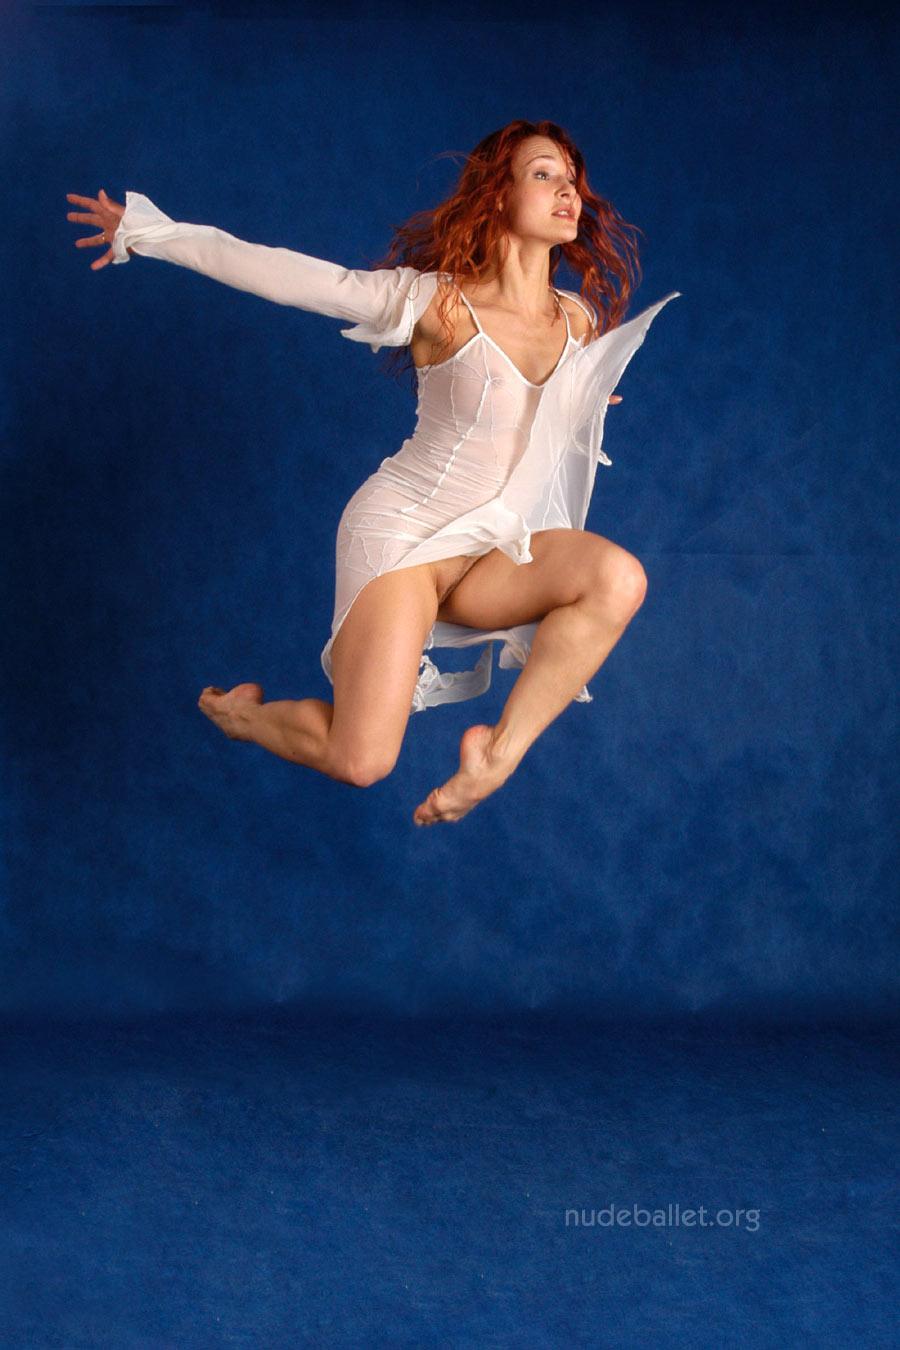 Nude ballet galleries